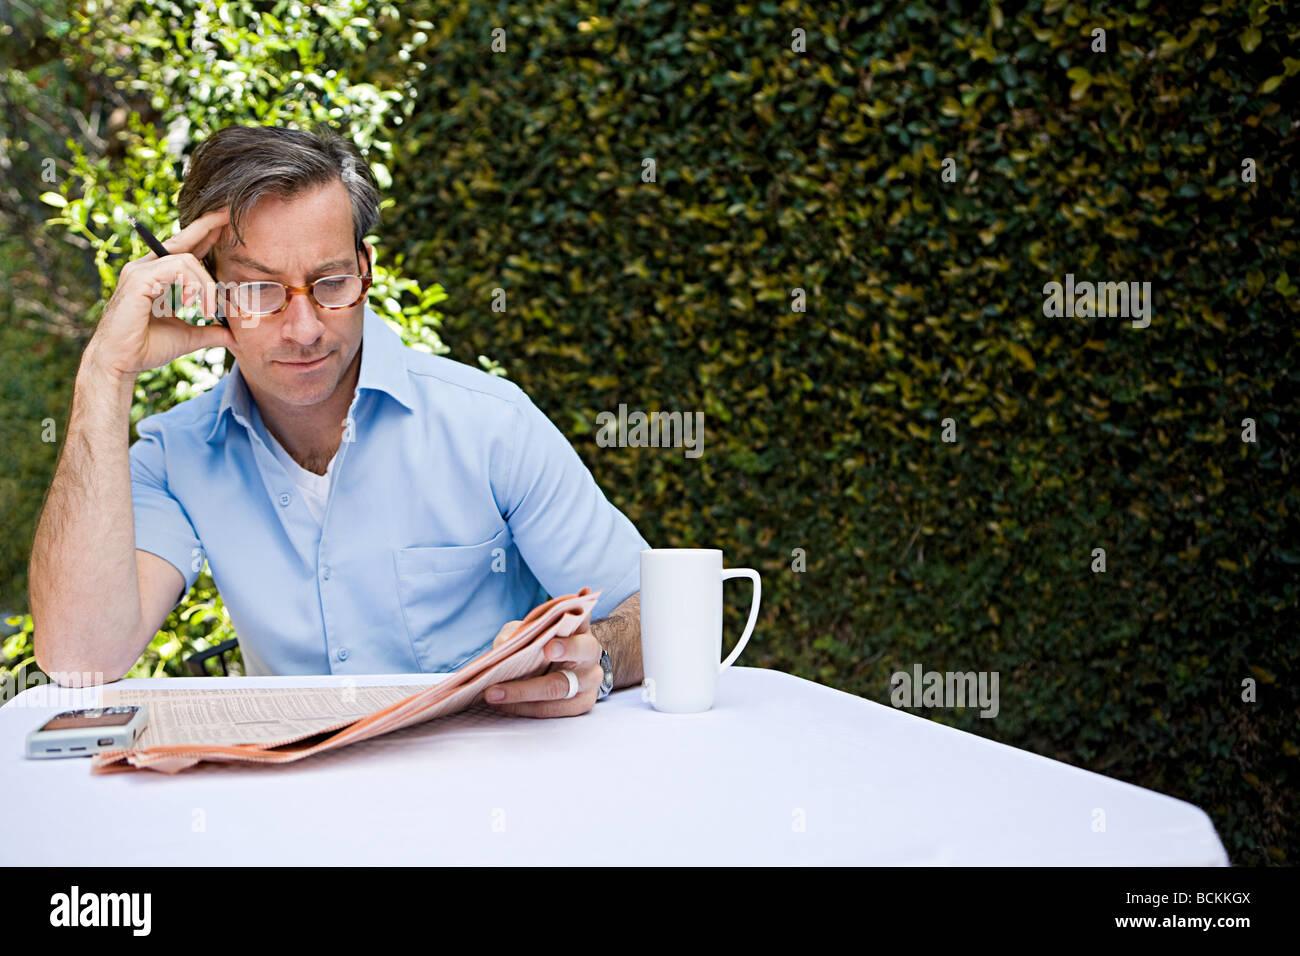 L'uomo all'aperto con quotidiano Immagini Stock